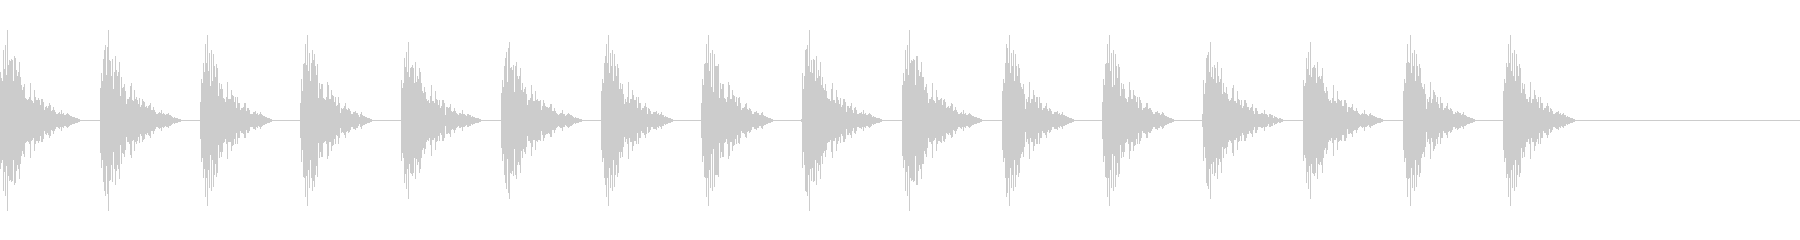 どんどん(巨人、速歩き)A23の未再生の波形